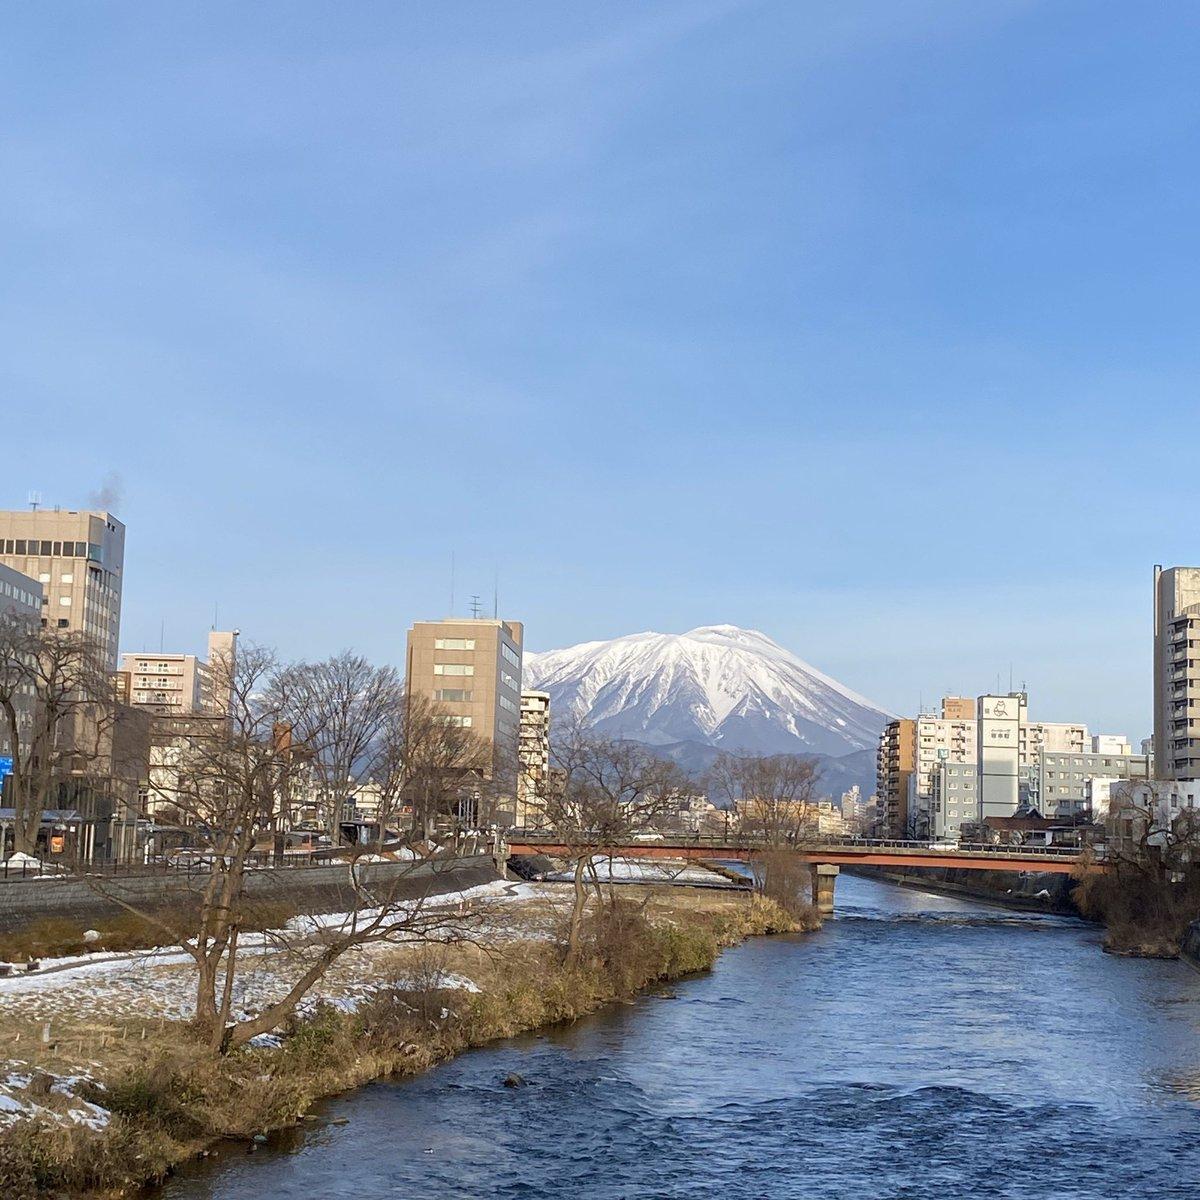 2020/01/07 盛岡市の開運橋から撮影。みなさま、体調管理に気をつけてお過ごしください。 #岩手 #盛岡 #北上川 #岩手山 #岩手においでよ